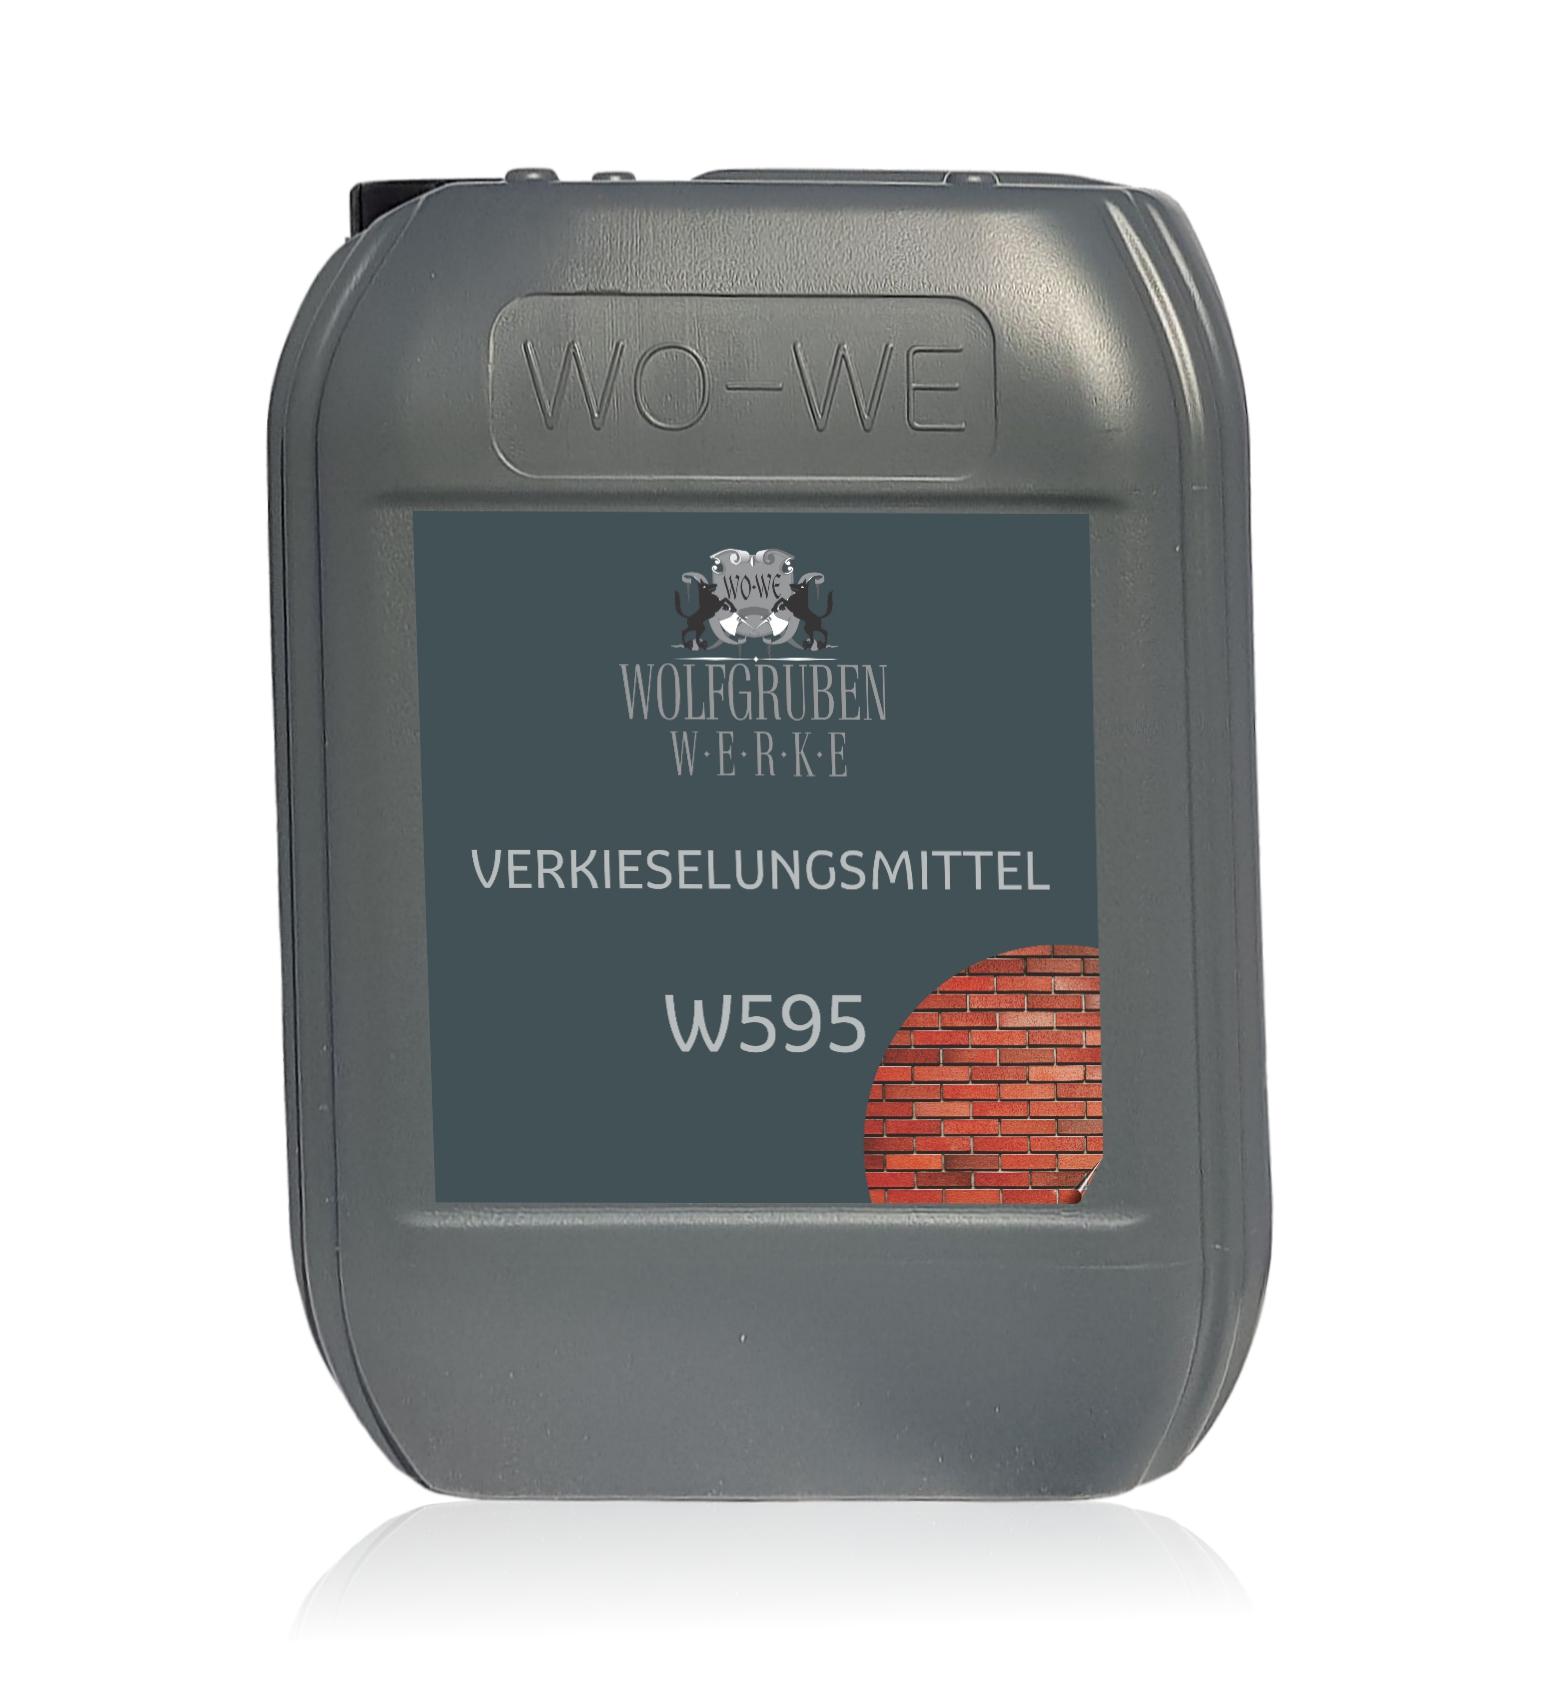 W595.jpg?dl=0